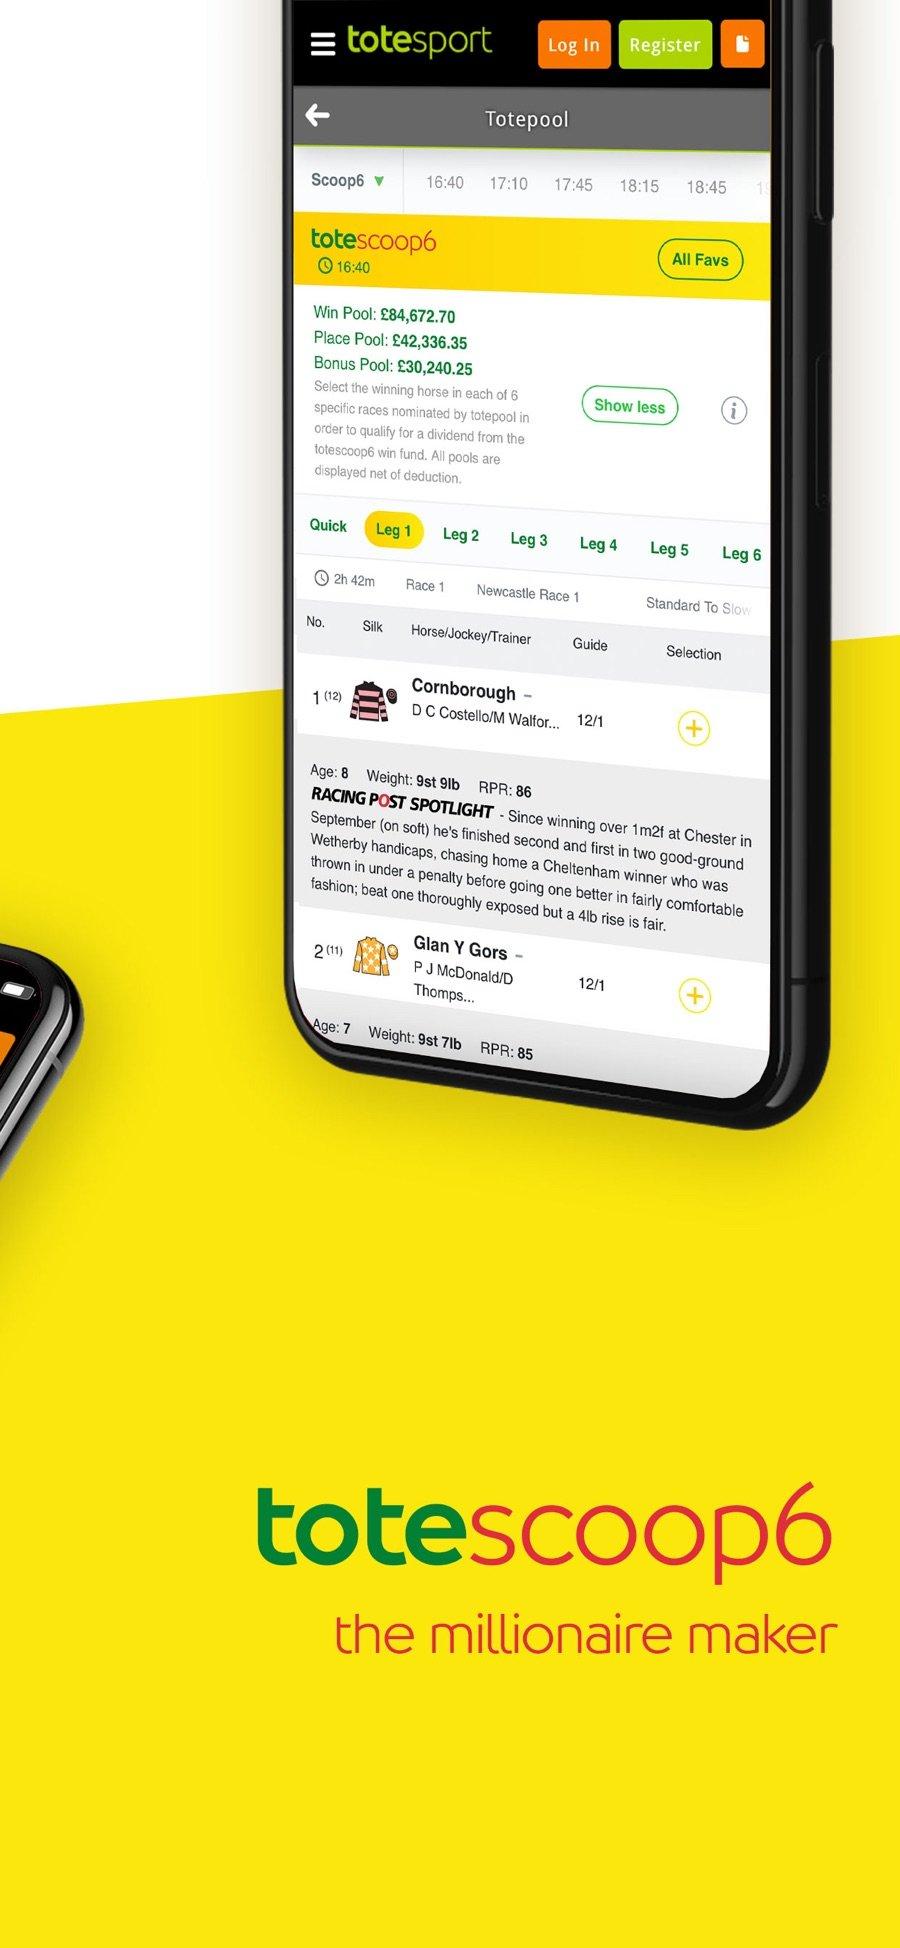 totesport mobile betting setup